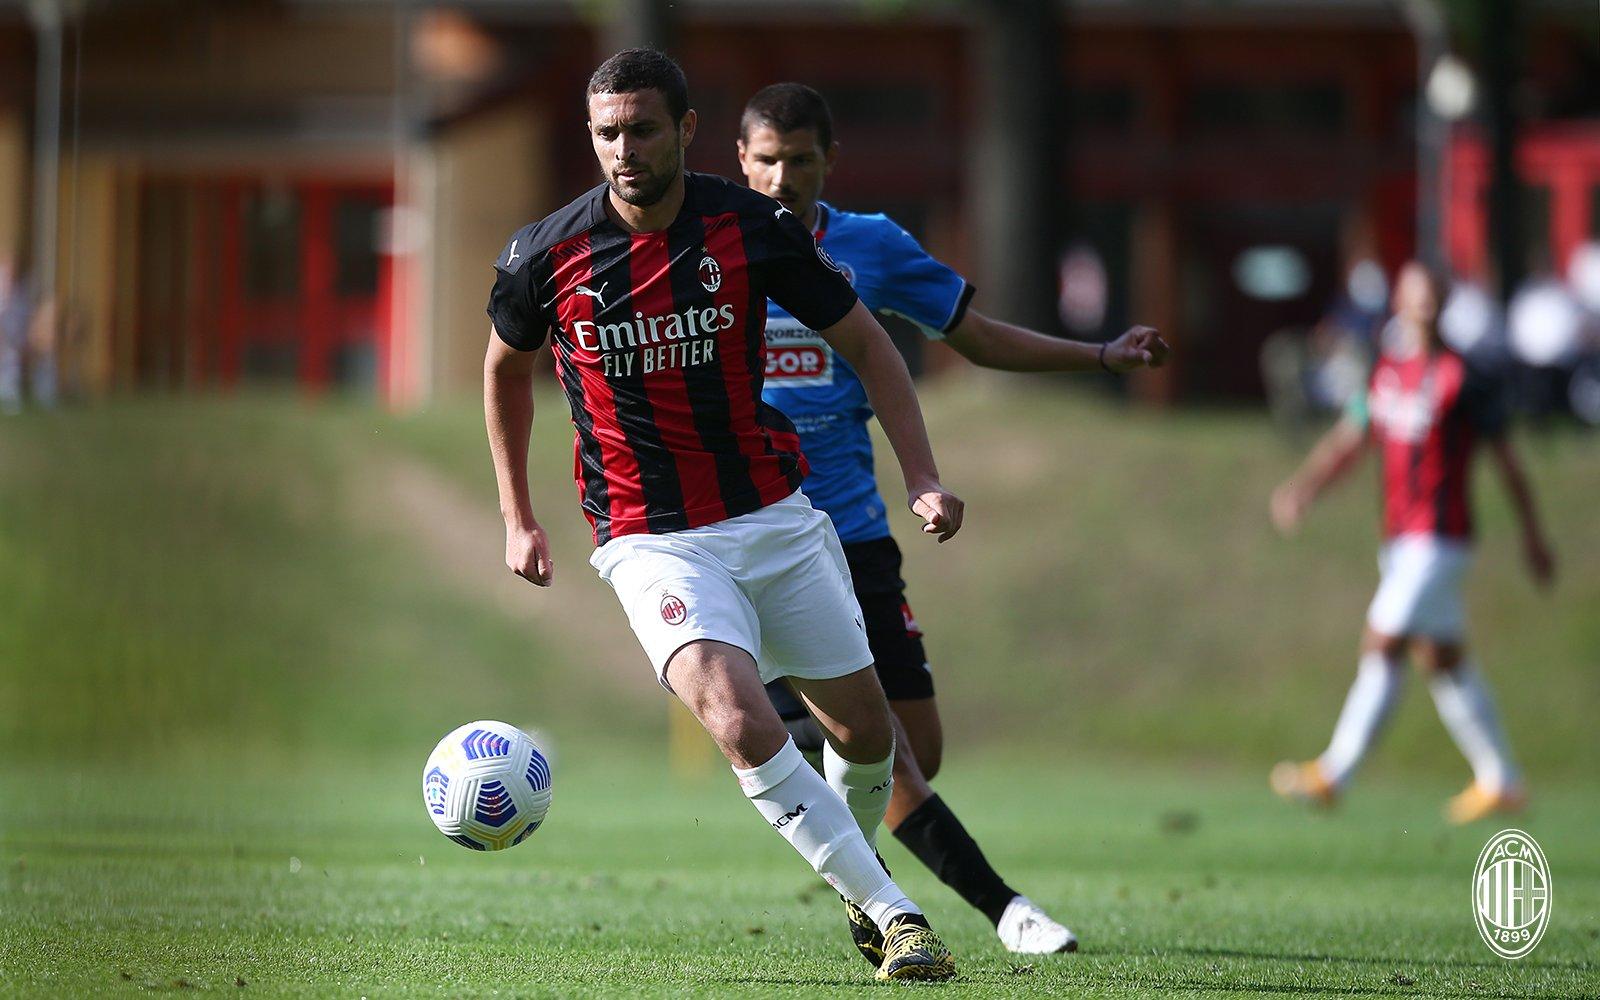 官方:AC米兰后卫莱奥-杜阿尔特新冠转阴,已经恢复训练